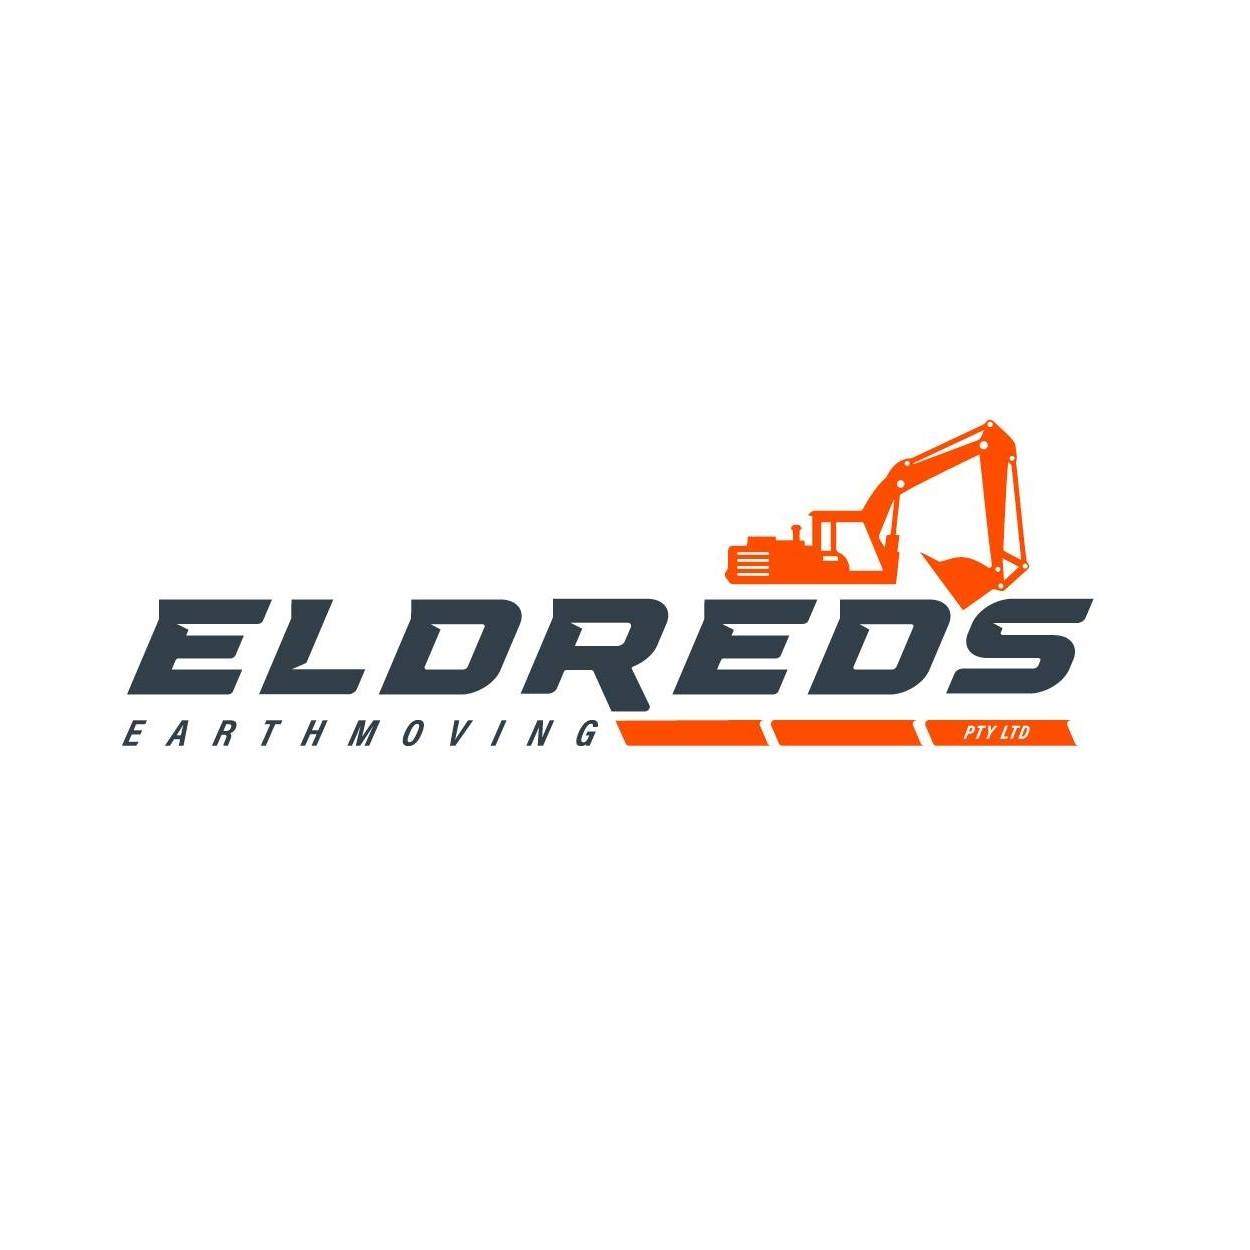 Eldred's Earthmoving